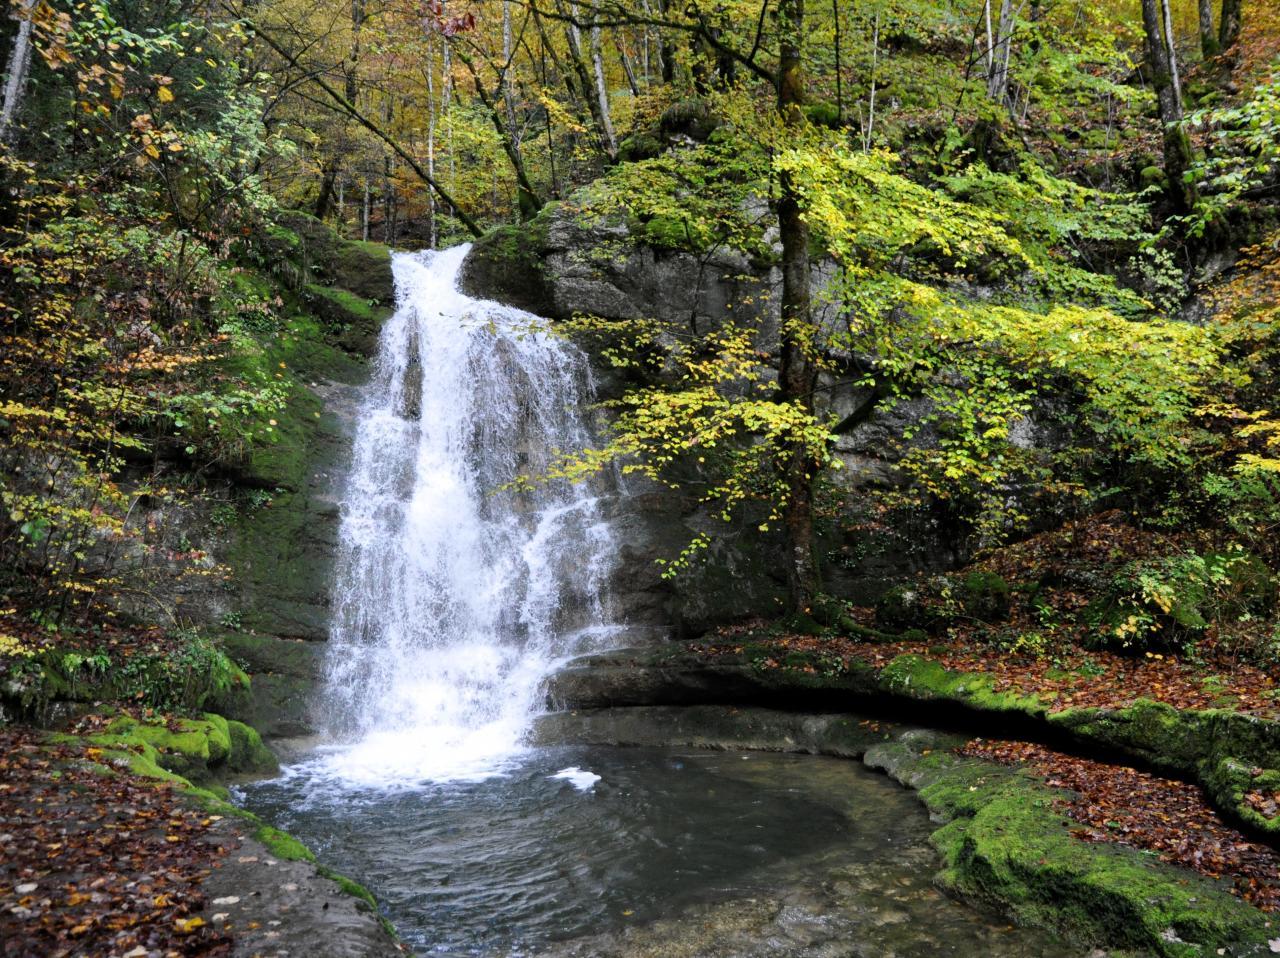 Cascade de Pissevieille - Jura - Octobre 2016